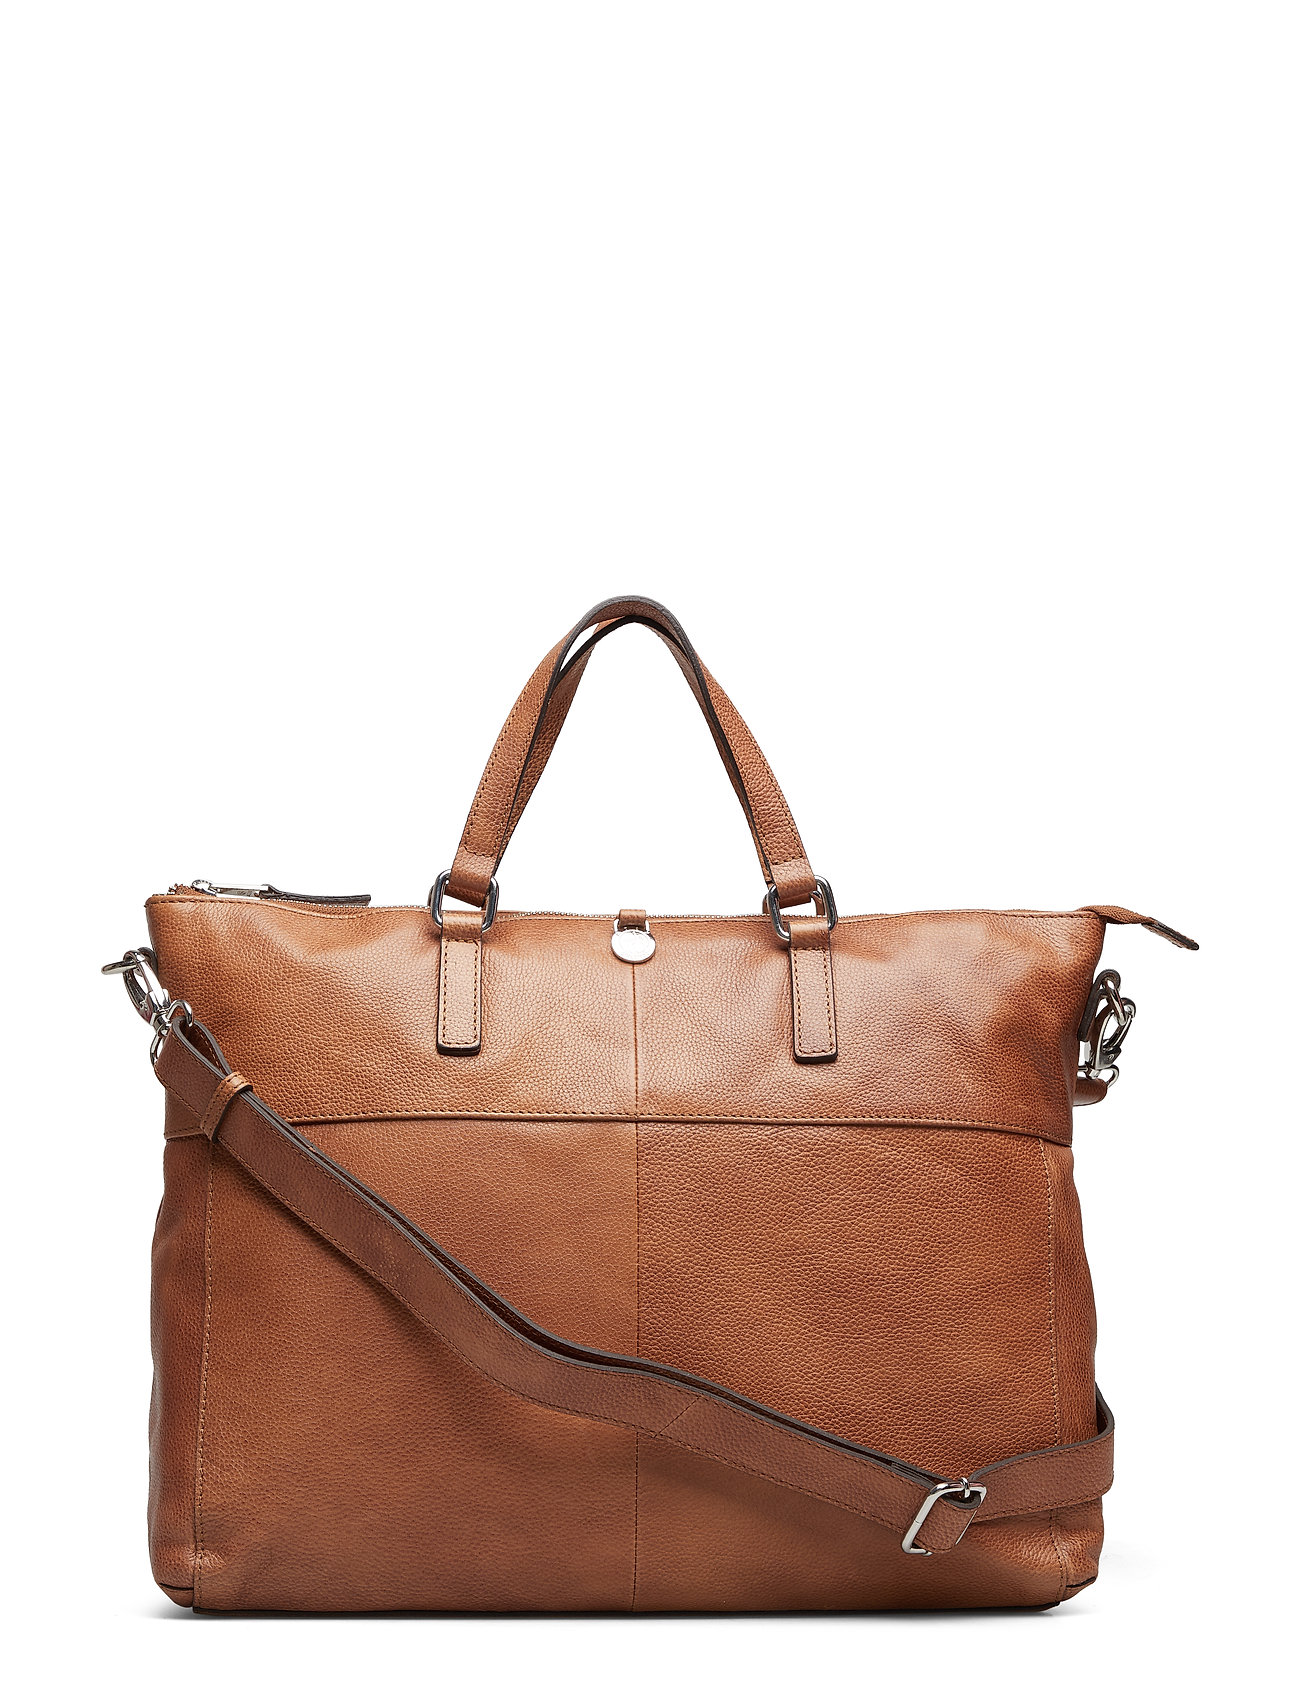 Napoli Working Bag Sasha - Adax